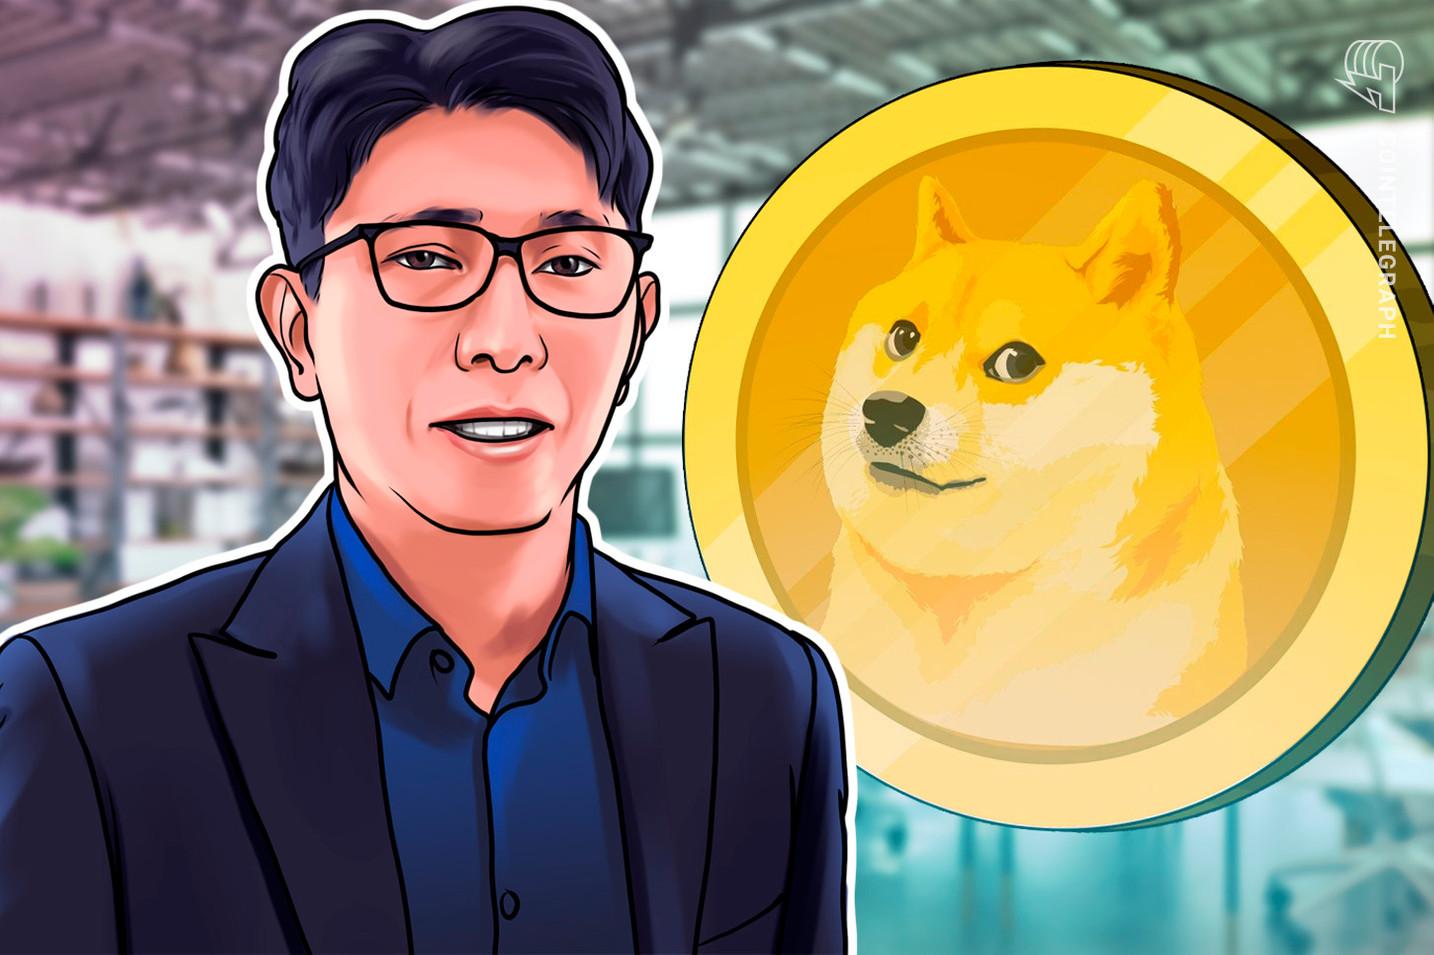 El CEO de OKEx dice que Dogecoin 'no es una broma'